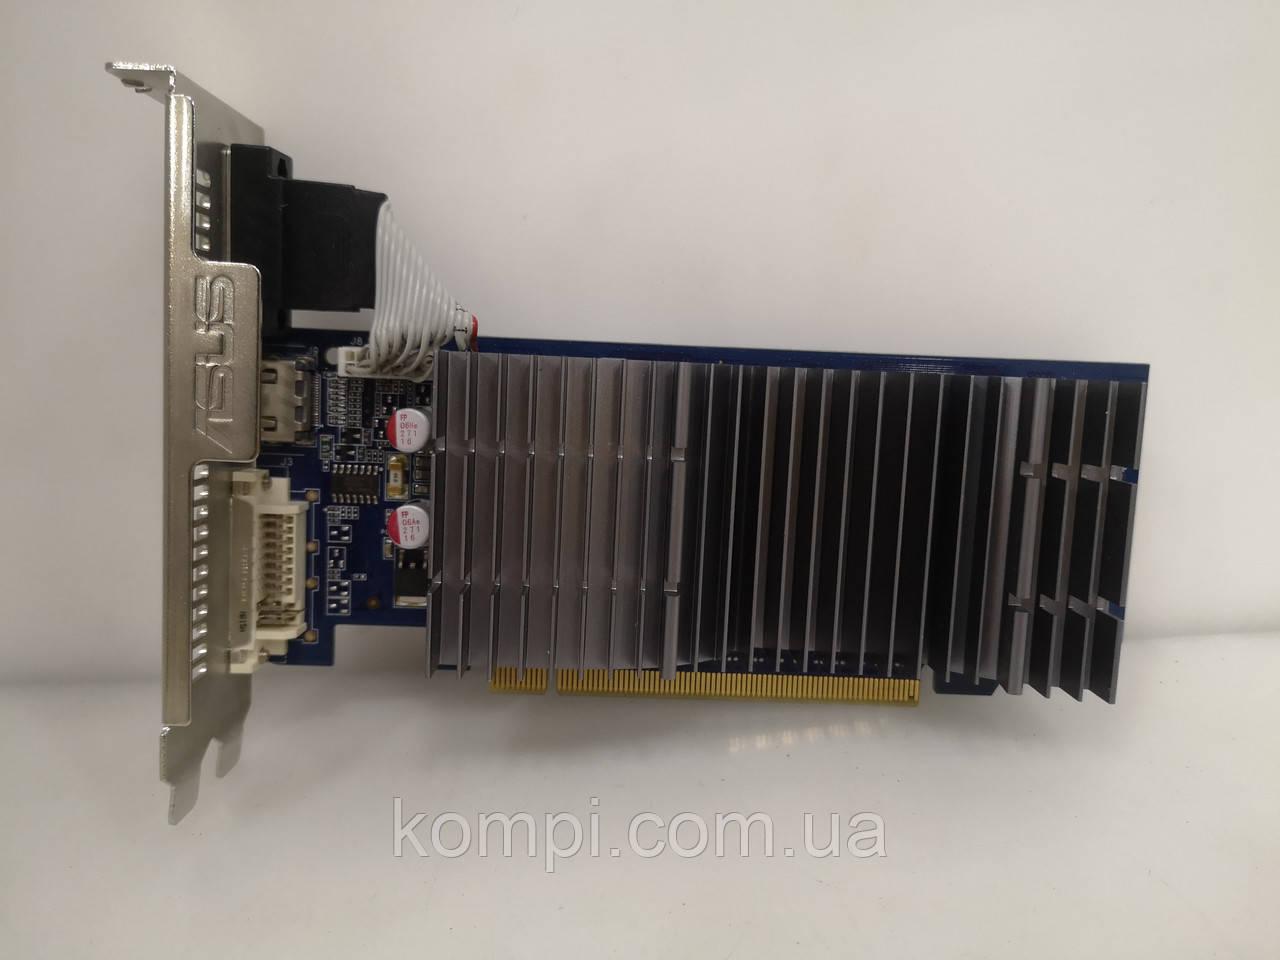 Видеокарта NVIDIA GeForce 210 512MB PCI-e HDMI